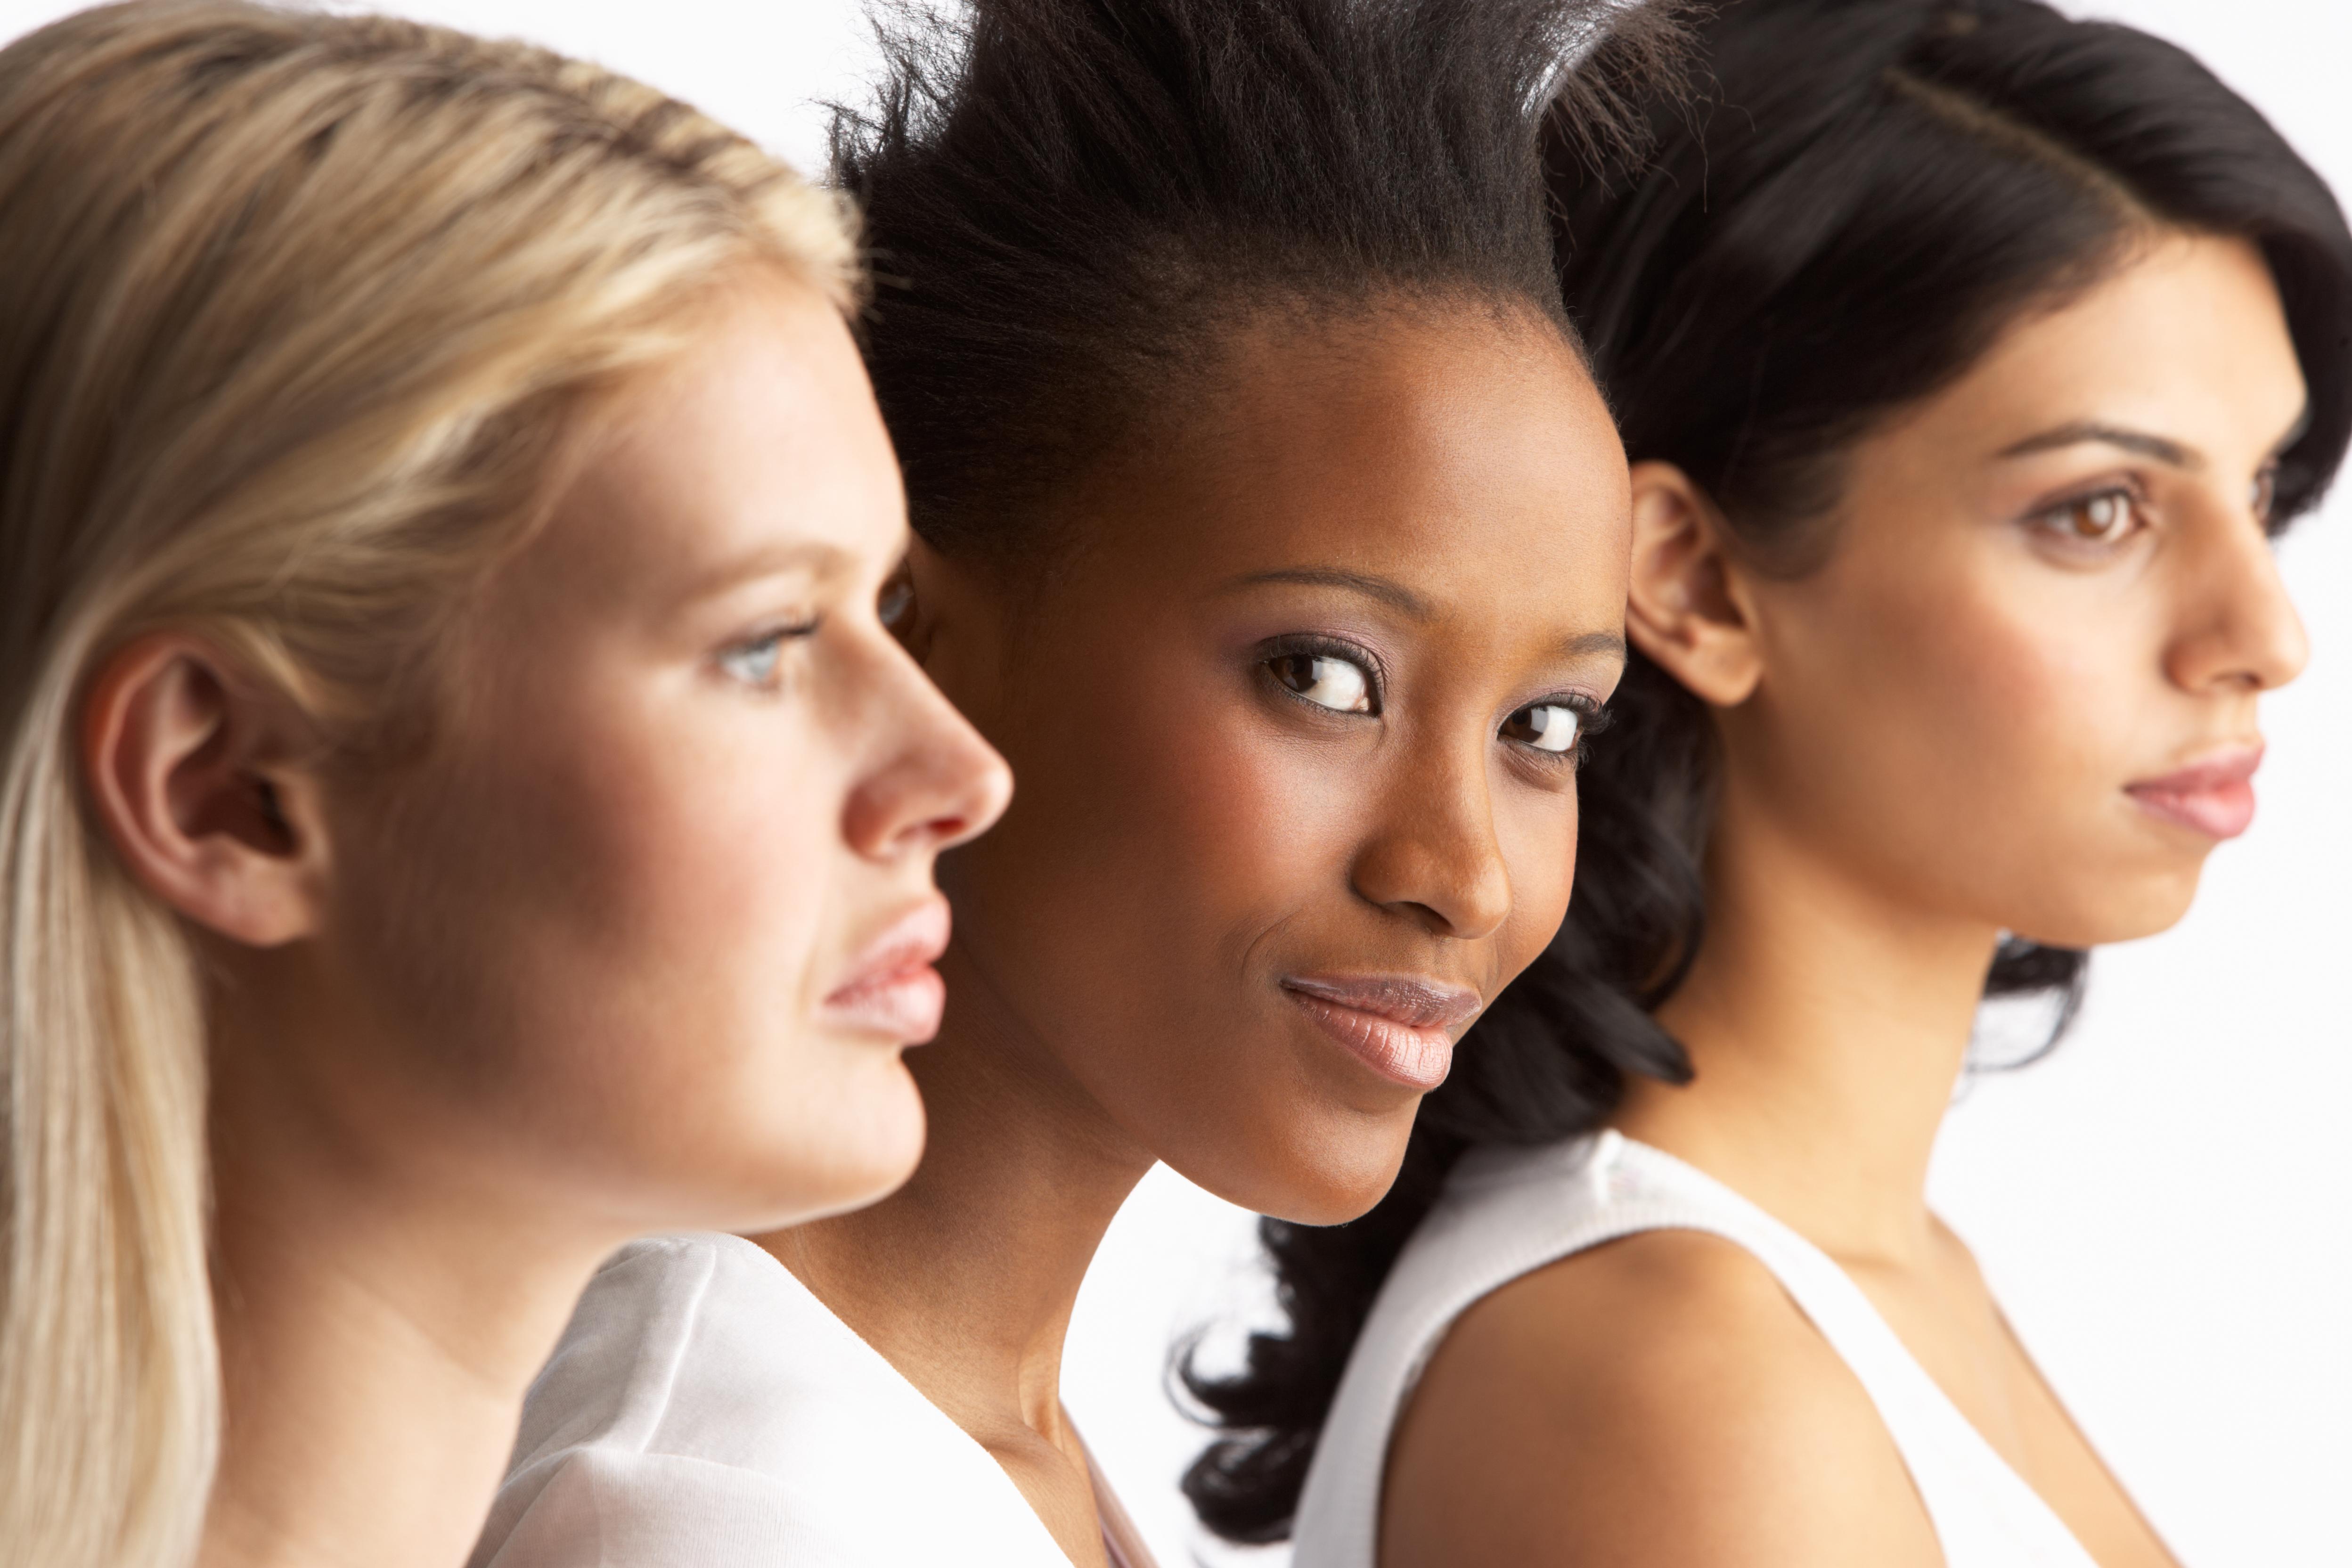 Фото женщин разных национальностей 2 фотография